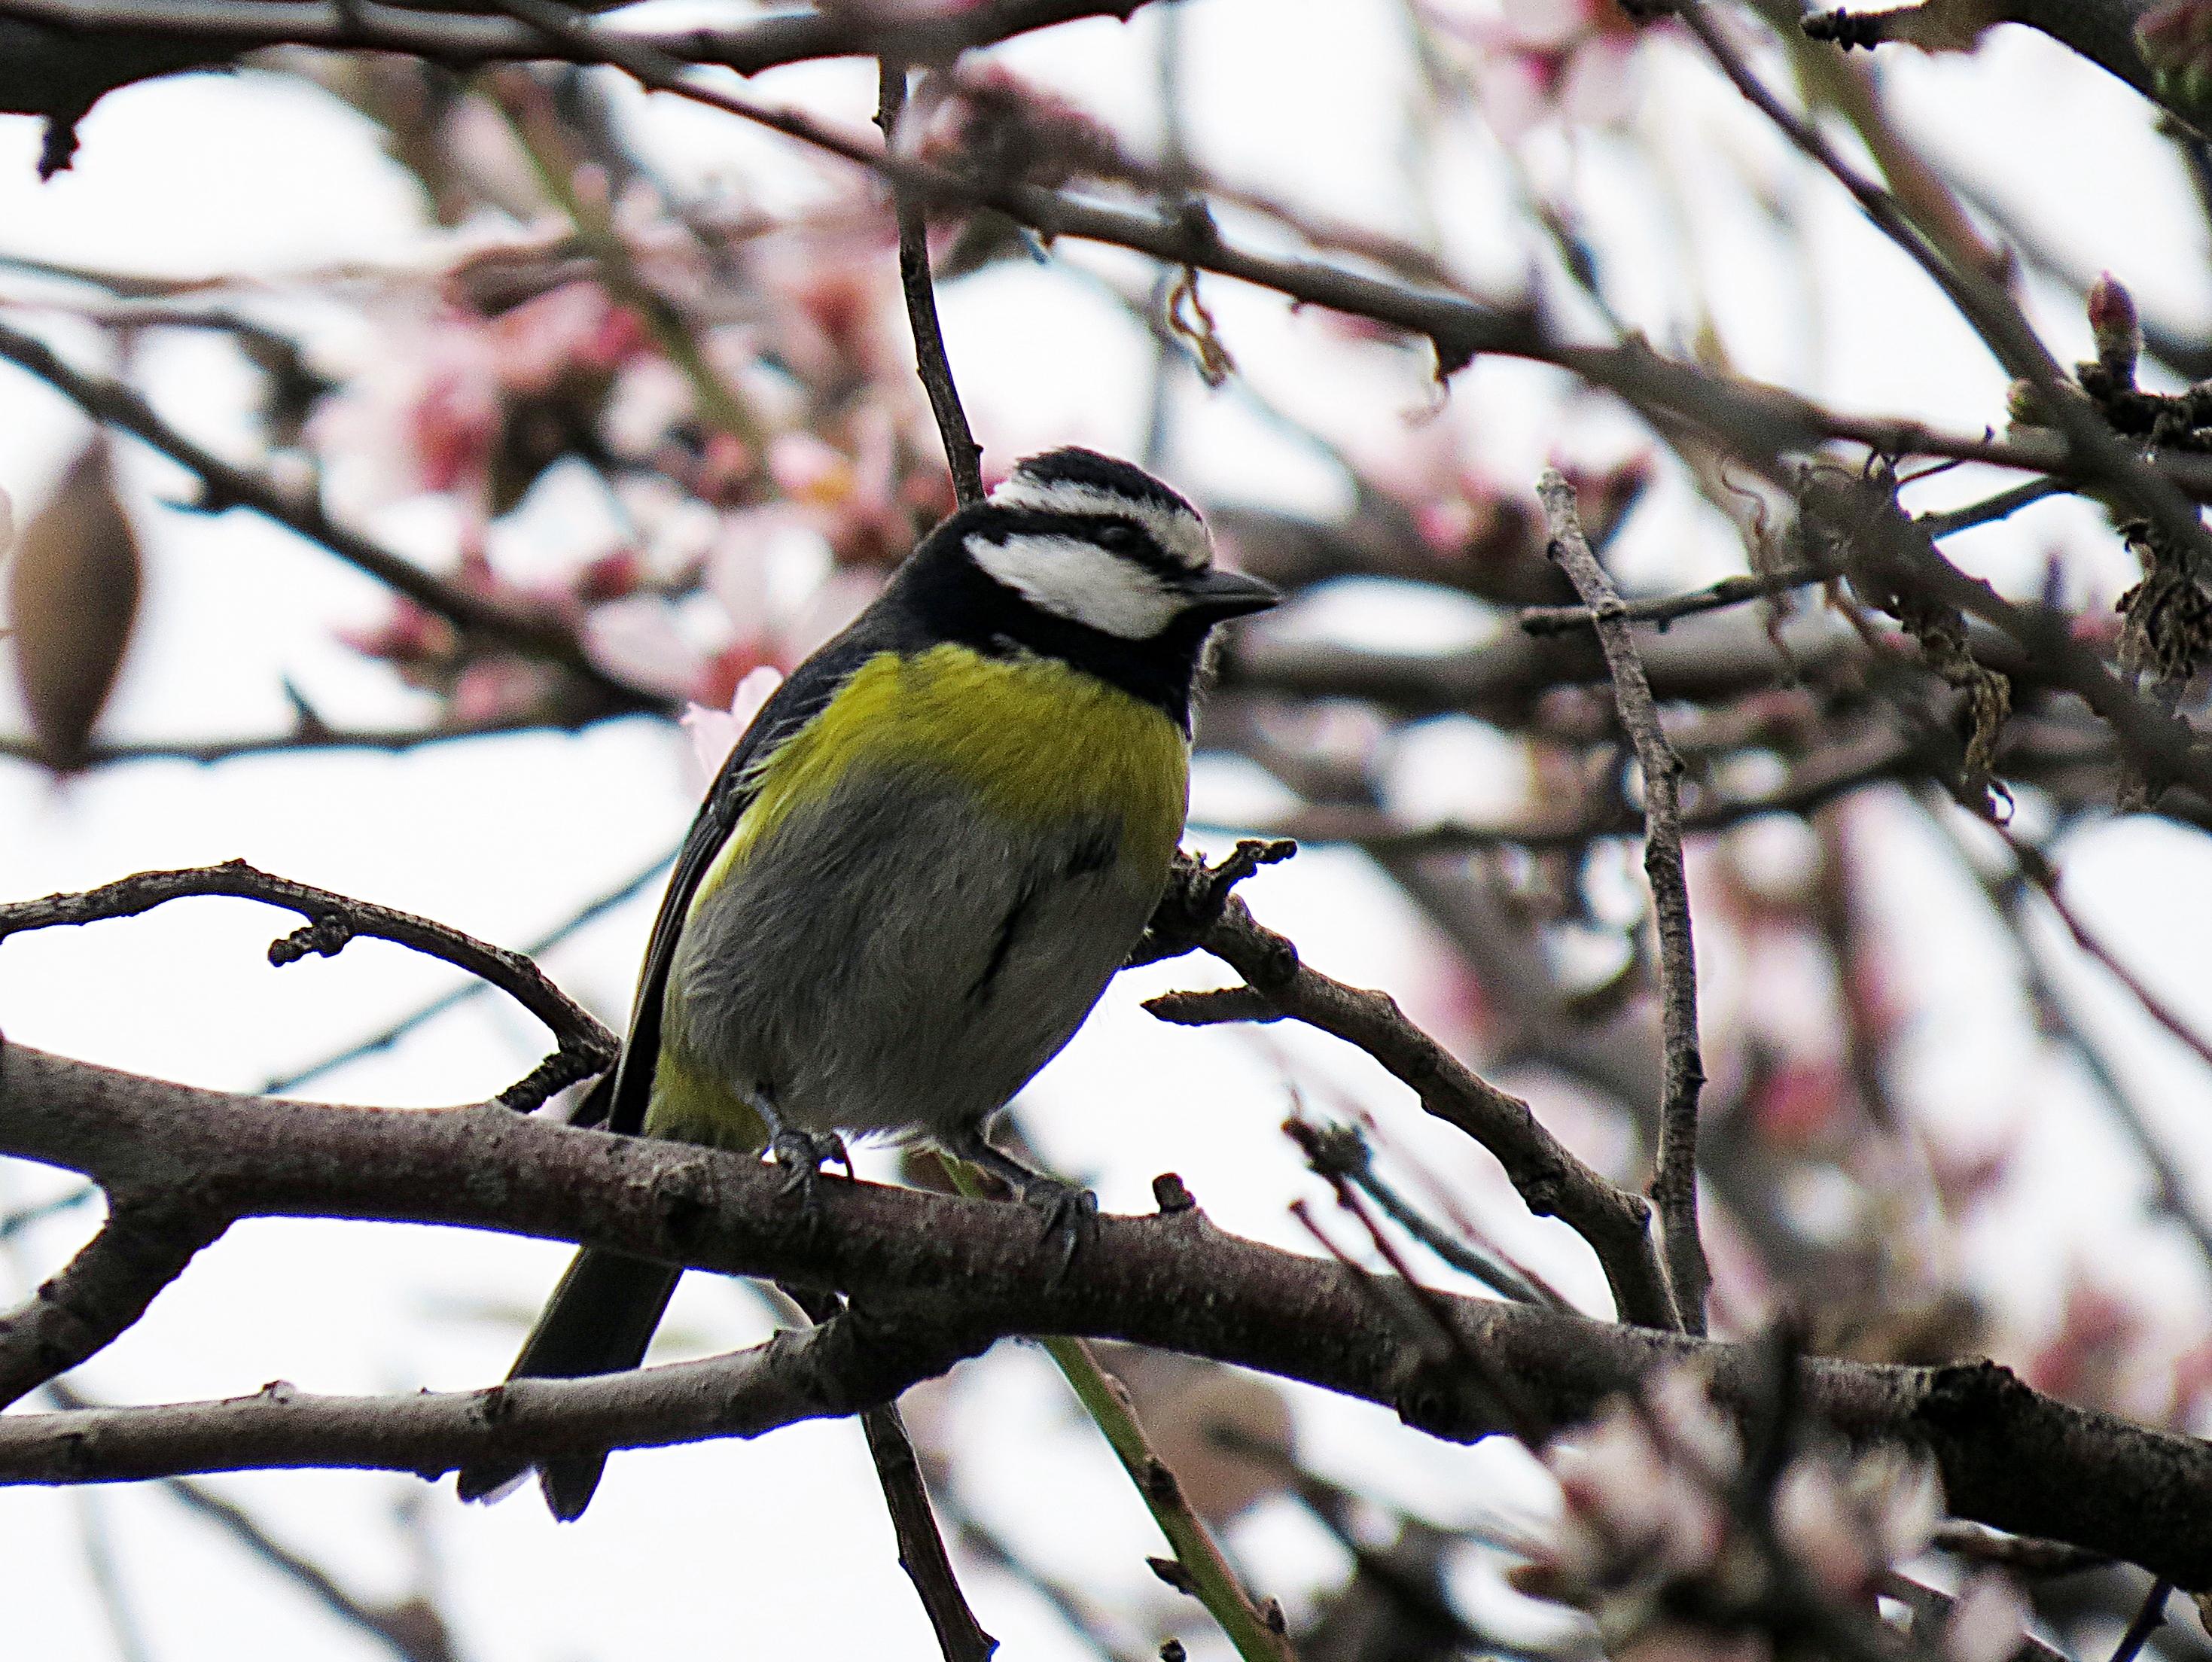 Vogels Nederland Tuin : Vogels op la palma